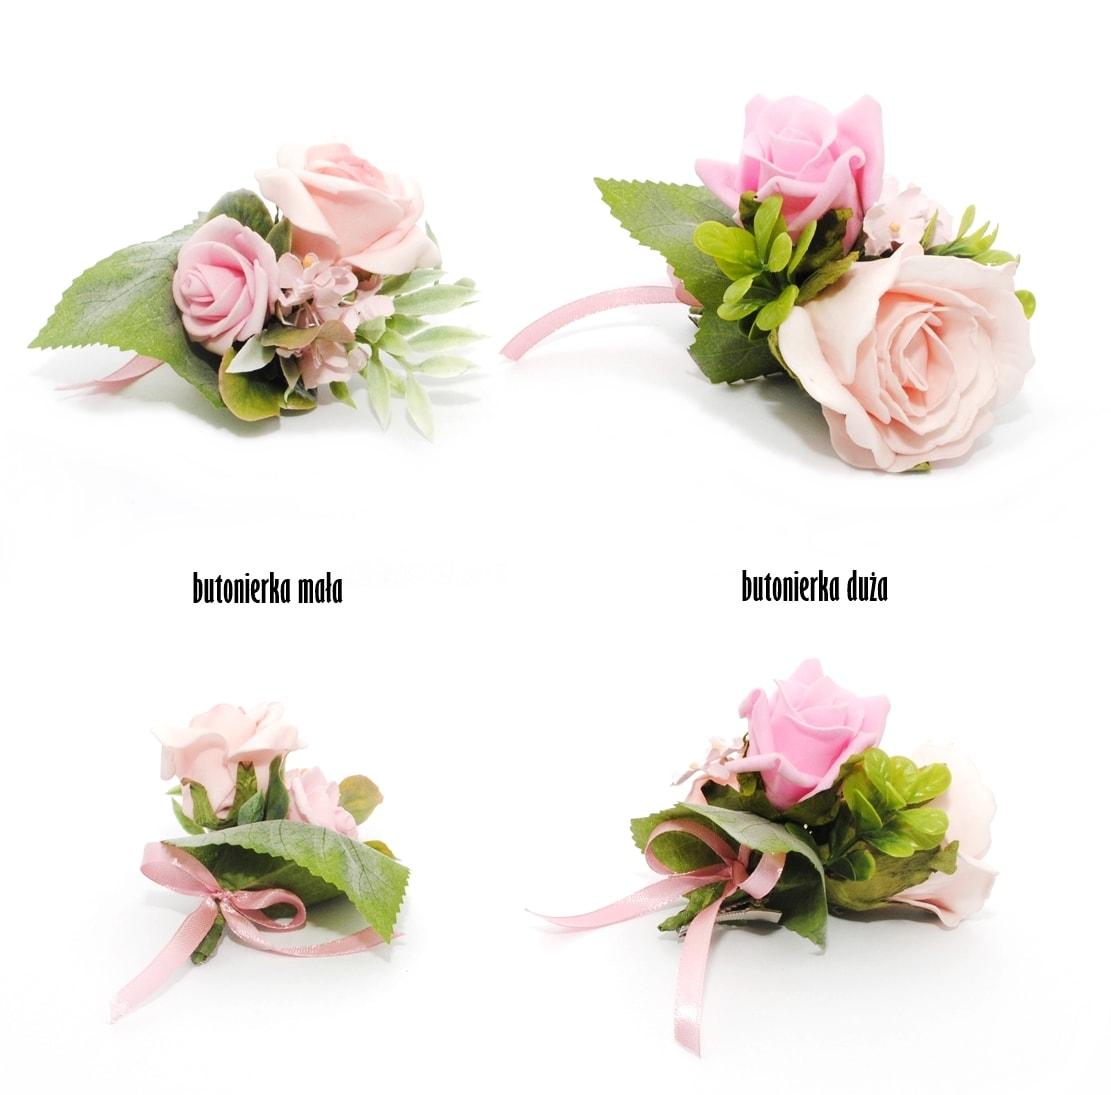 Butonieka melodyka różowa